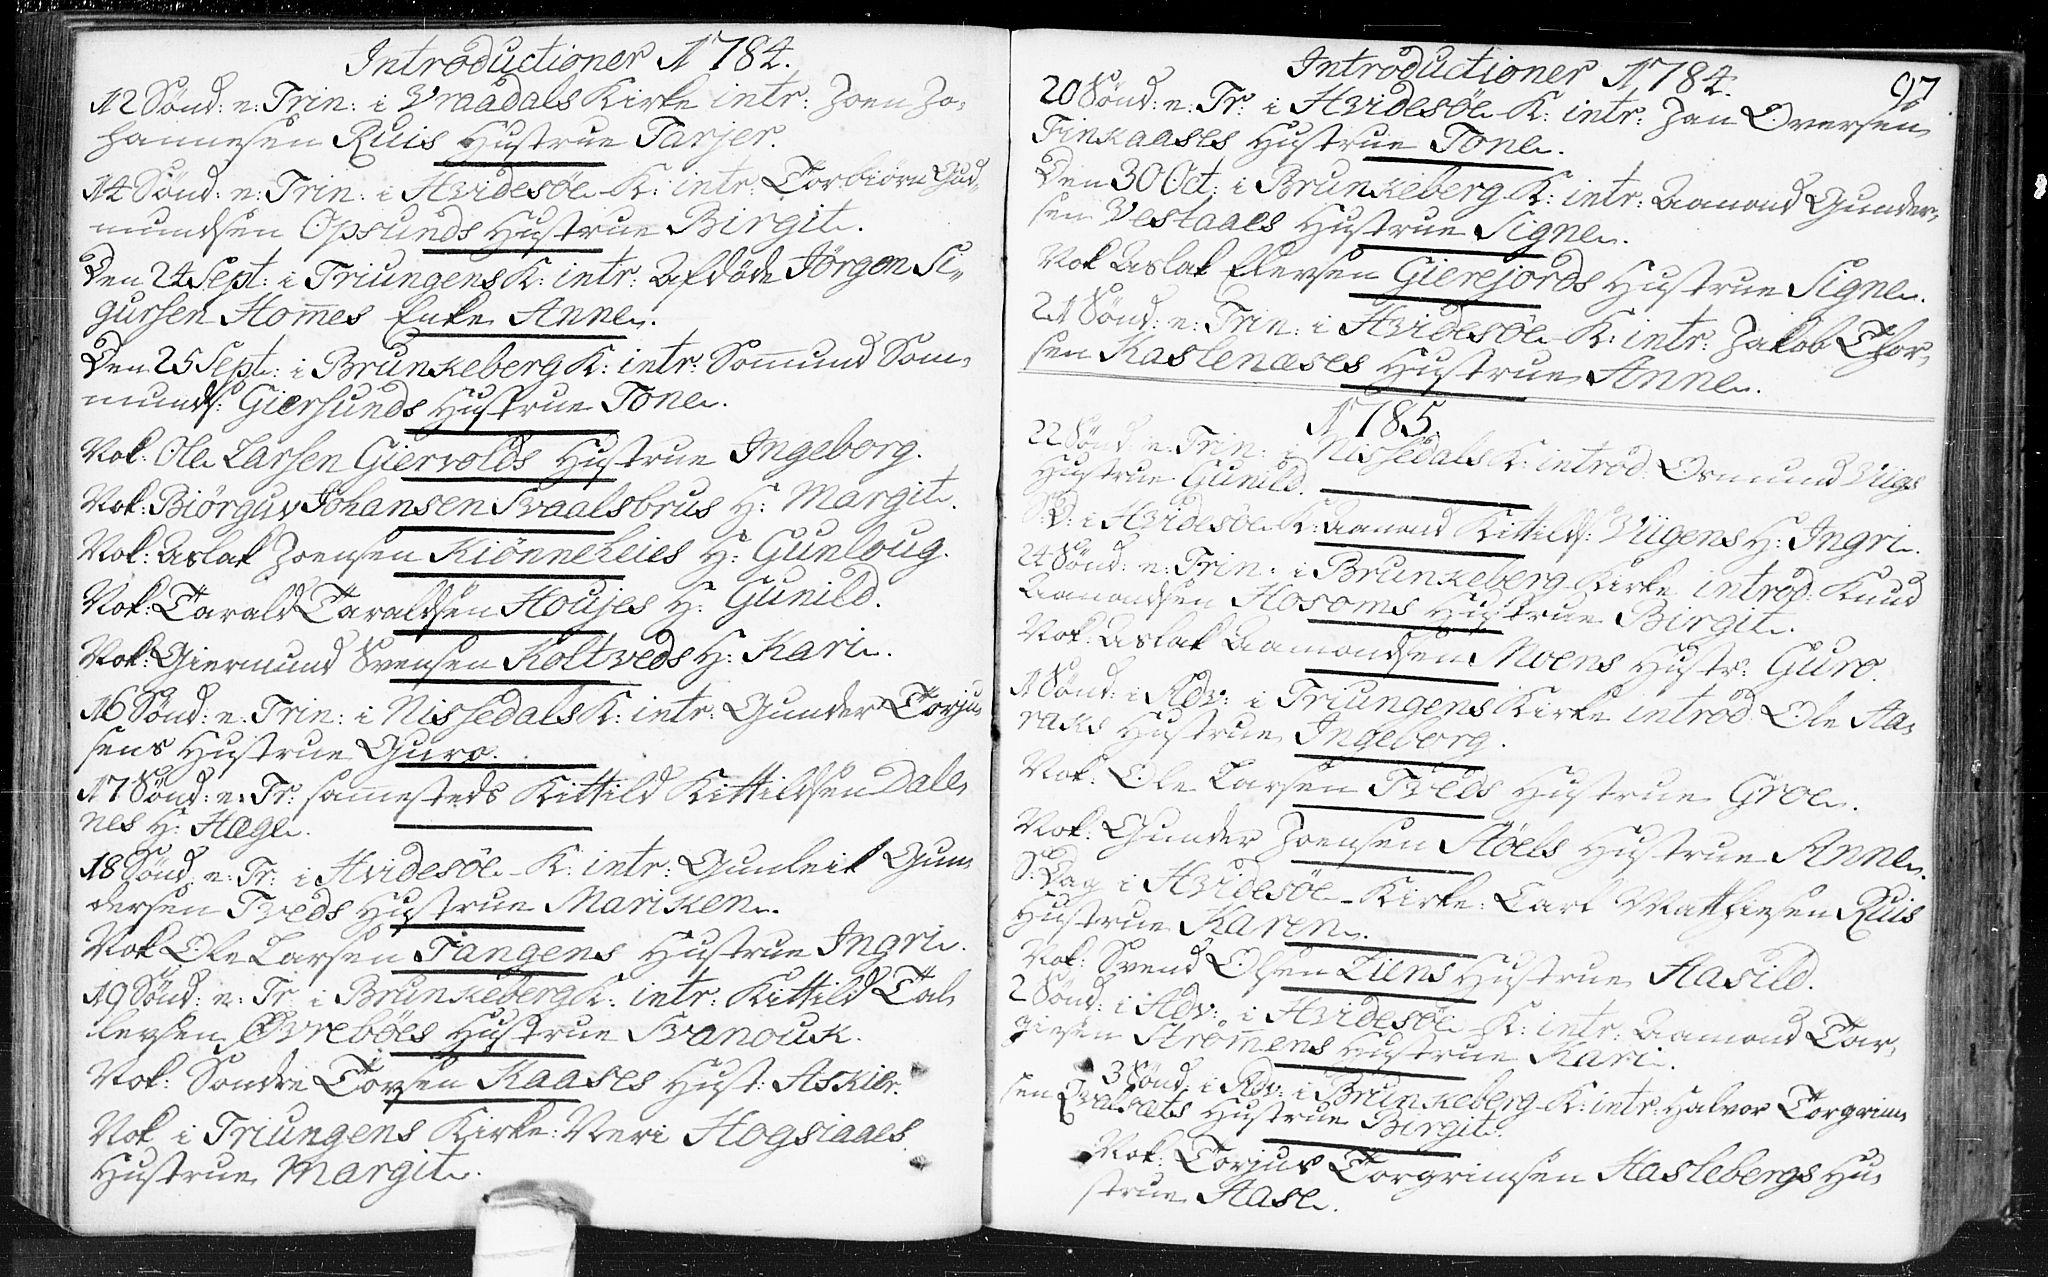 SAKO, Kviteseid kirkebøker, F/Fa/L0002: Ministerialbok nr. I 2, 1773-1786, s. 97